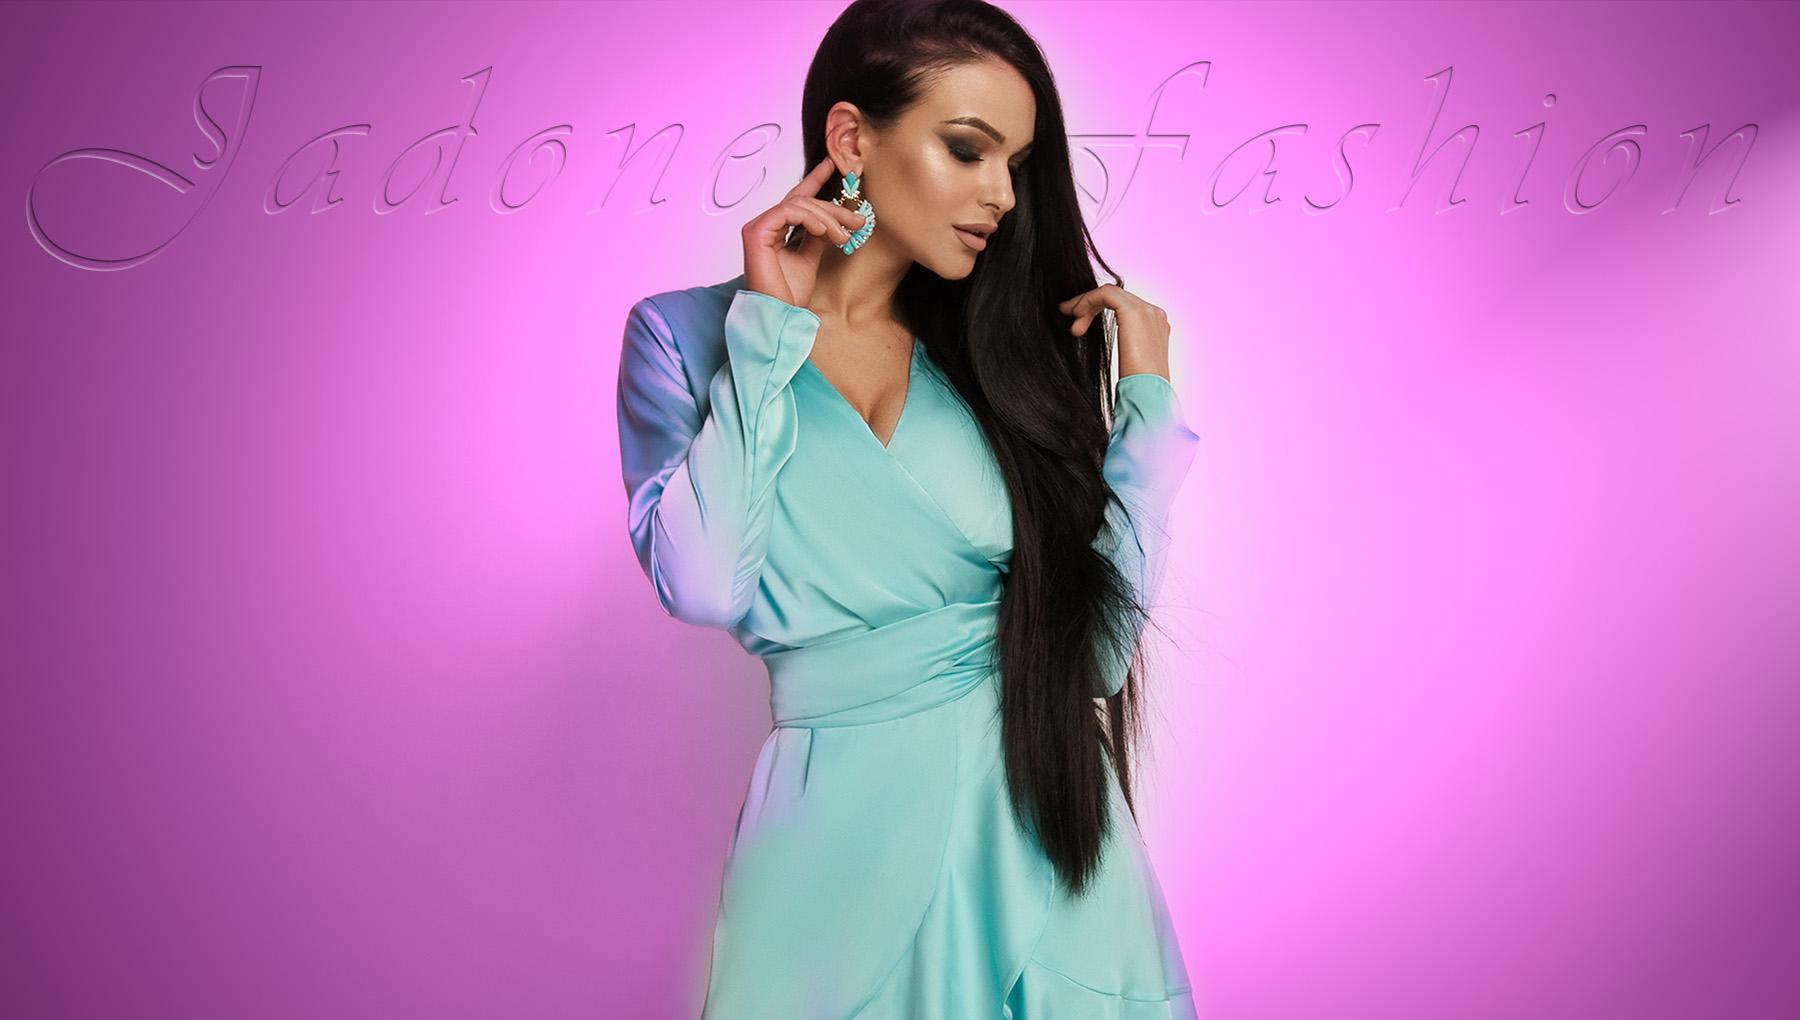 b9971d87d10f104 Женская одежда оптом в Украине. Toggle navigation. Jadone - производитель  молодежной одежды